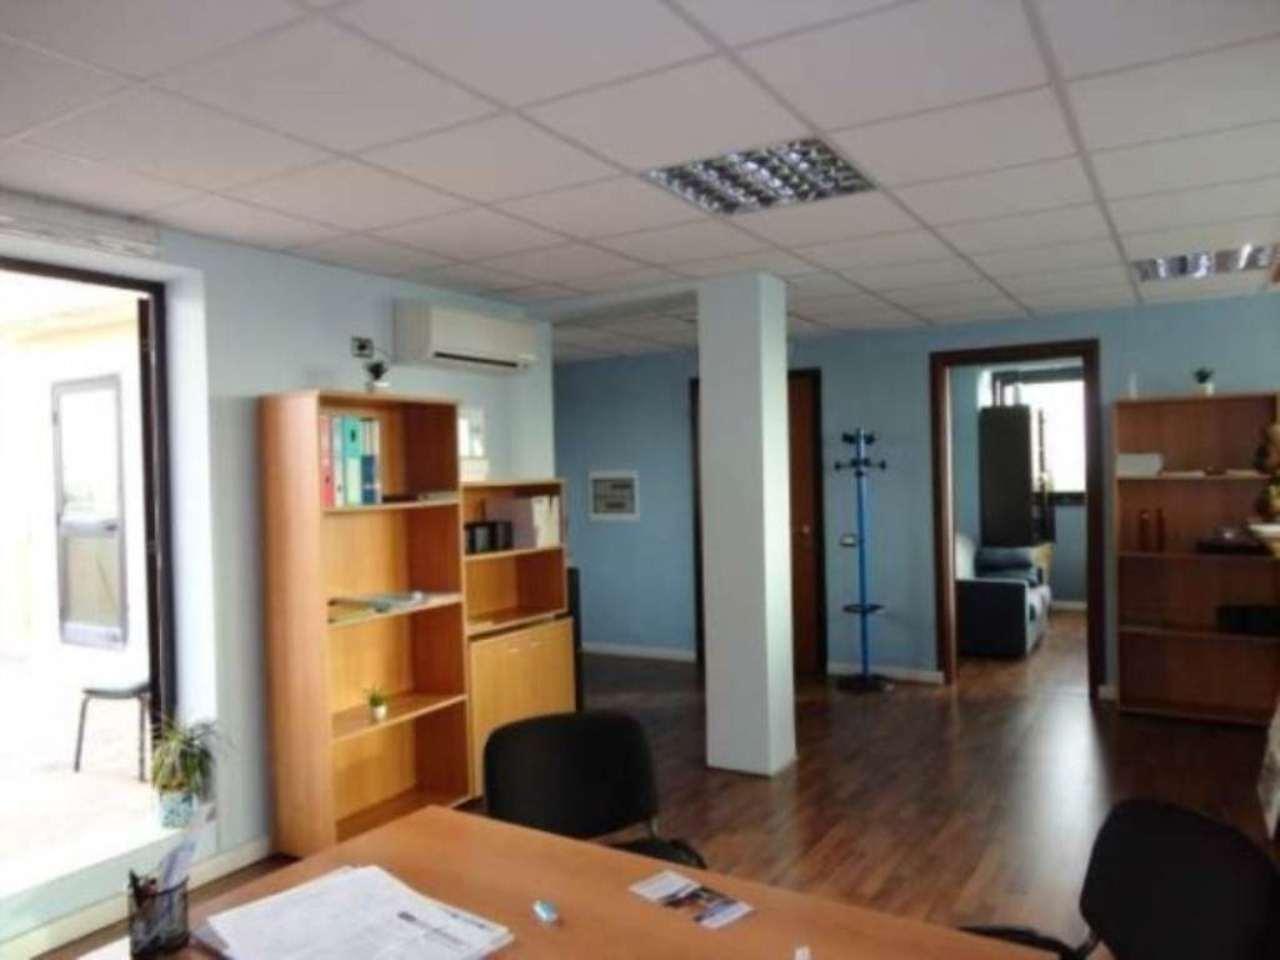 Ufficio / Studio in vendita a Pomezia, 4 locali, prezzo € 116.000 | Cambio Casa.it